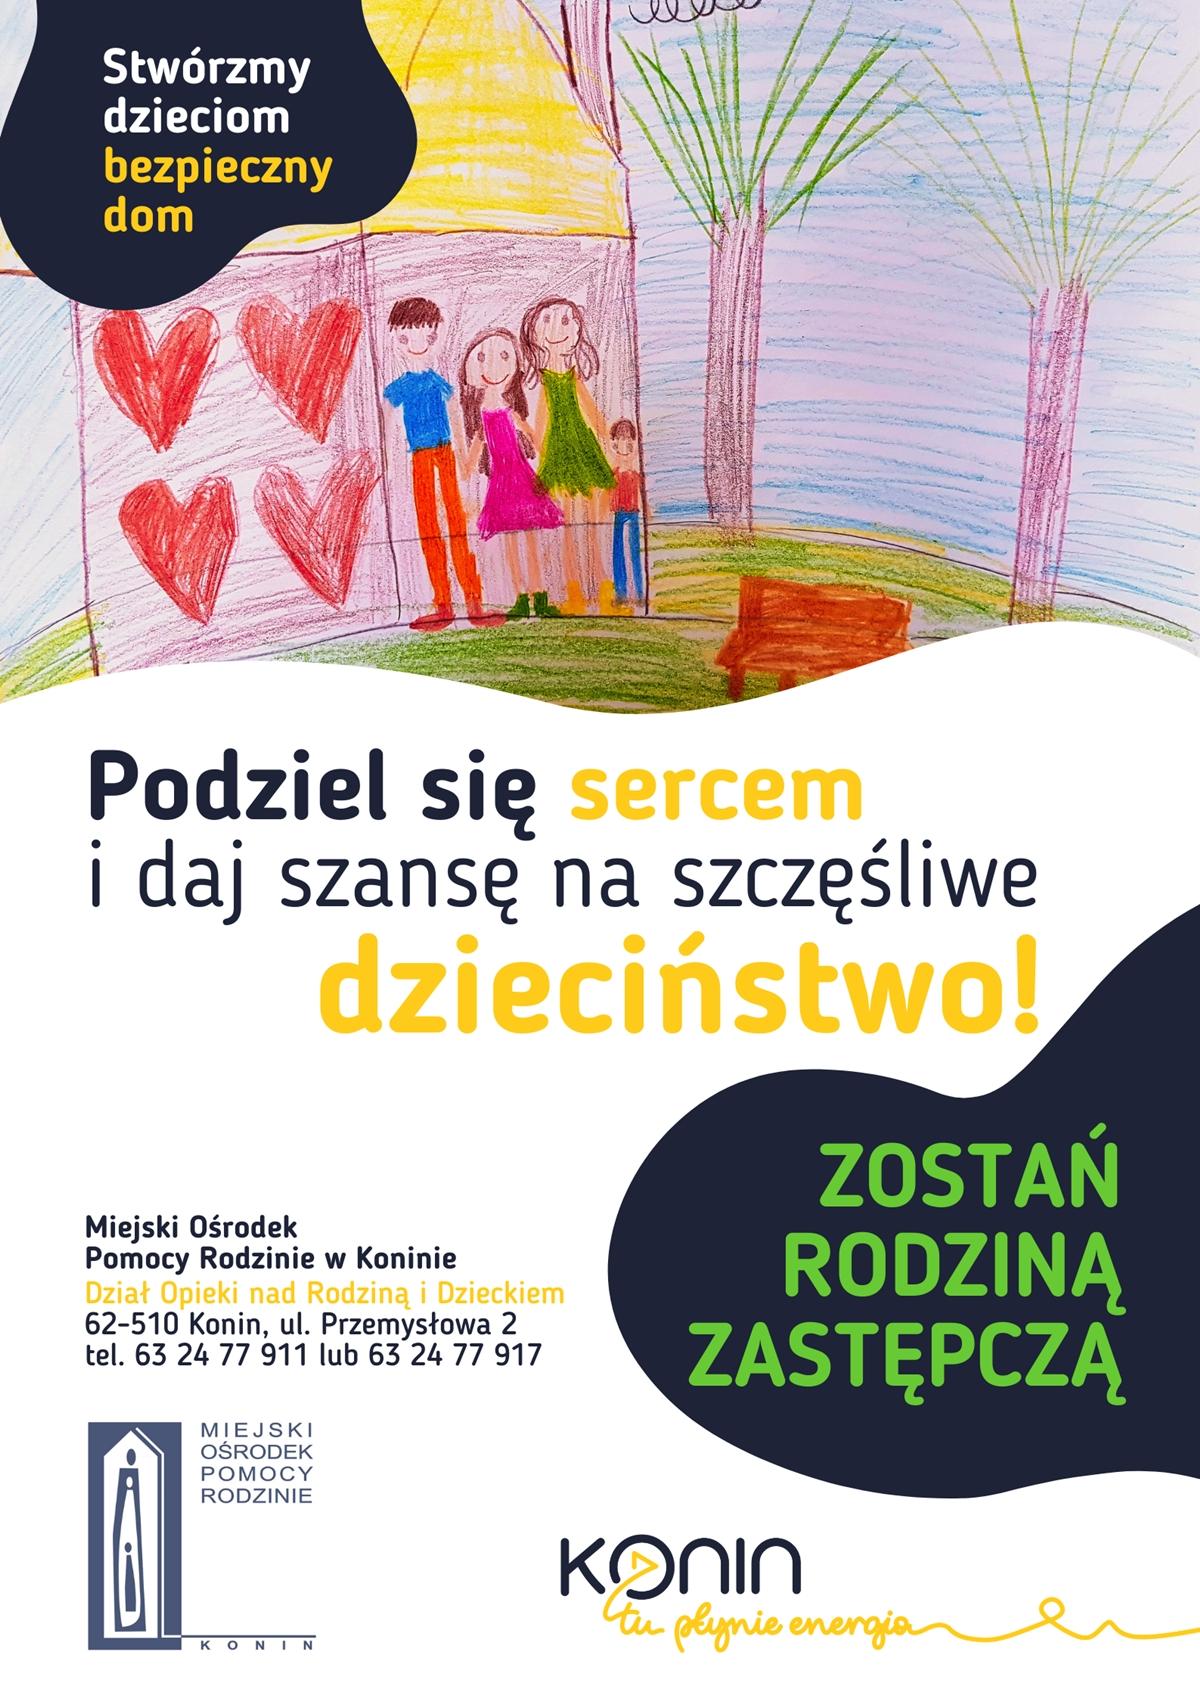 Podziel się sercem i daj szansę na szczęśliwe dzieciństwo. Plakat promujący rodziny zastępcze.